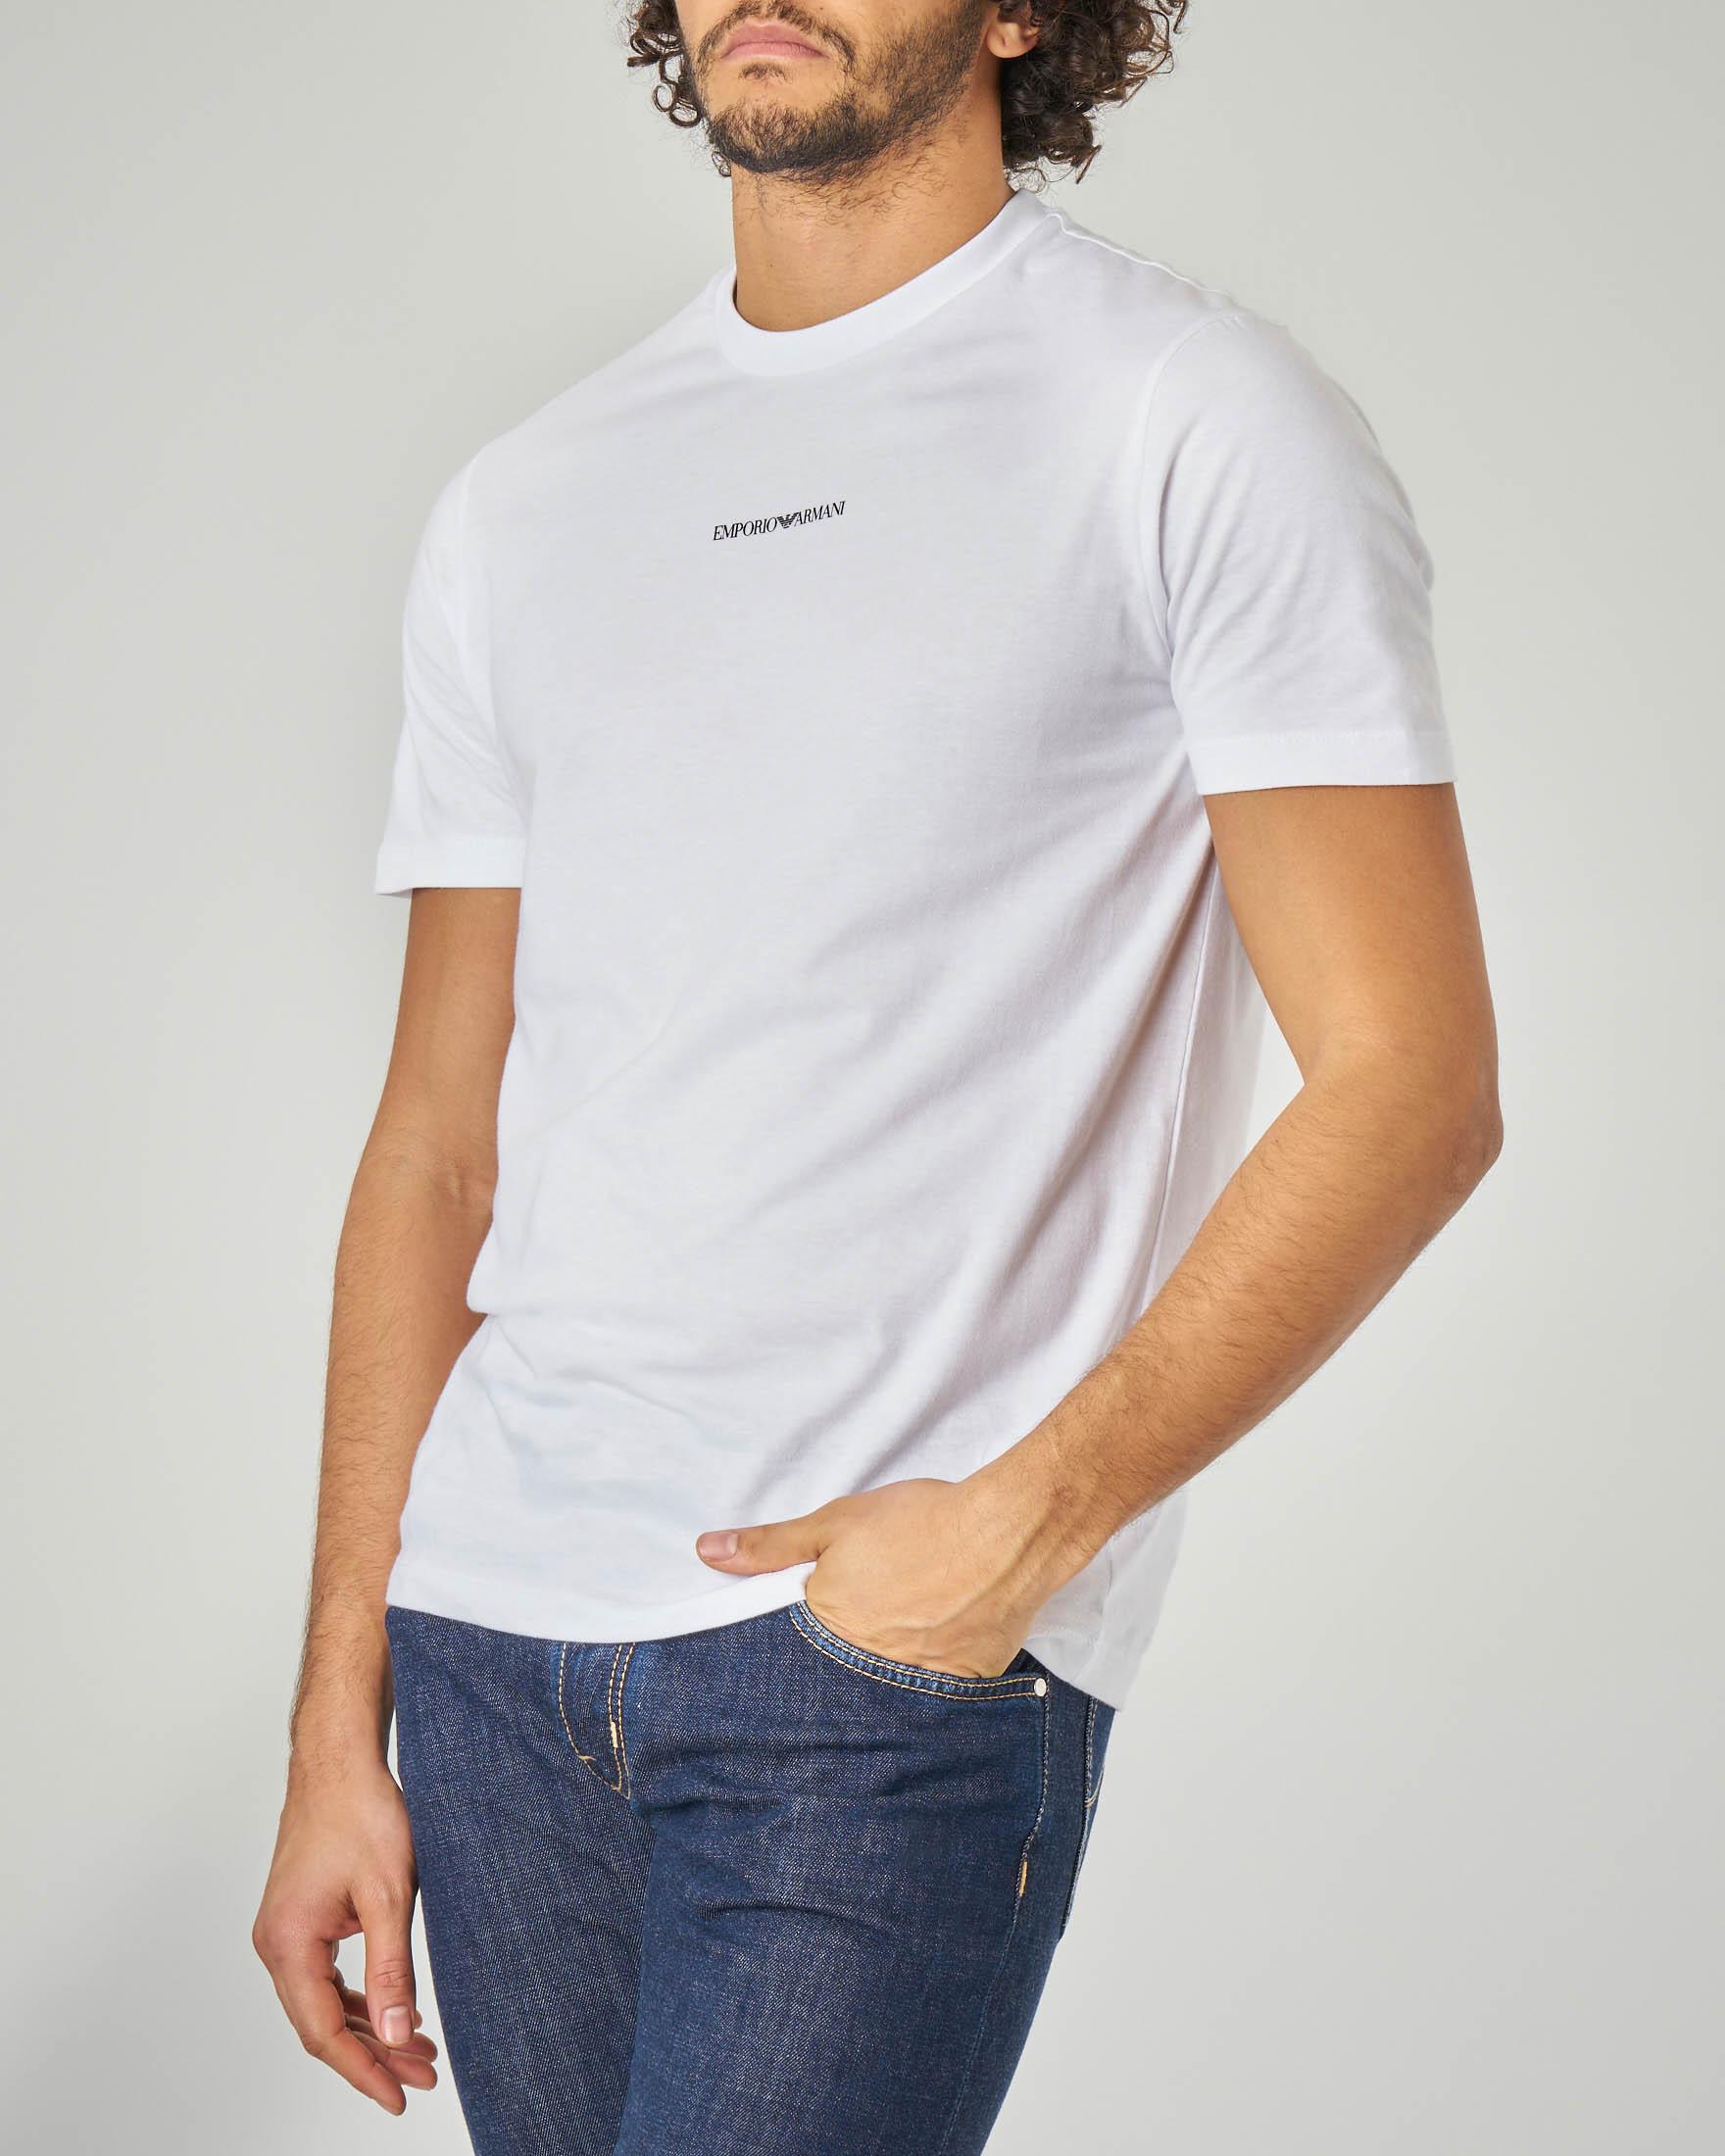 T-shirt bianca con piccolo logo stampato